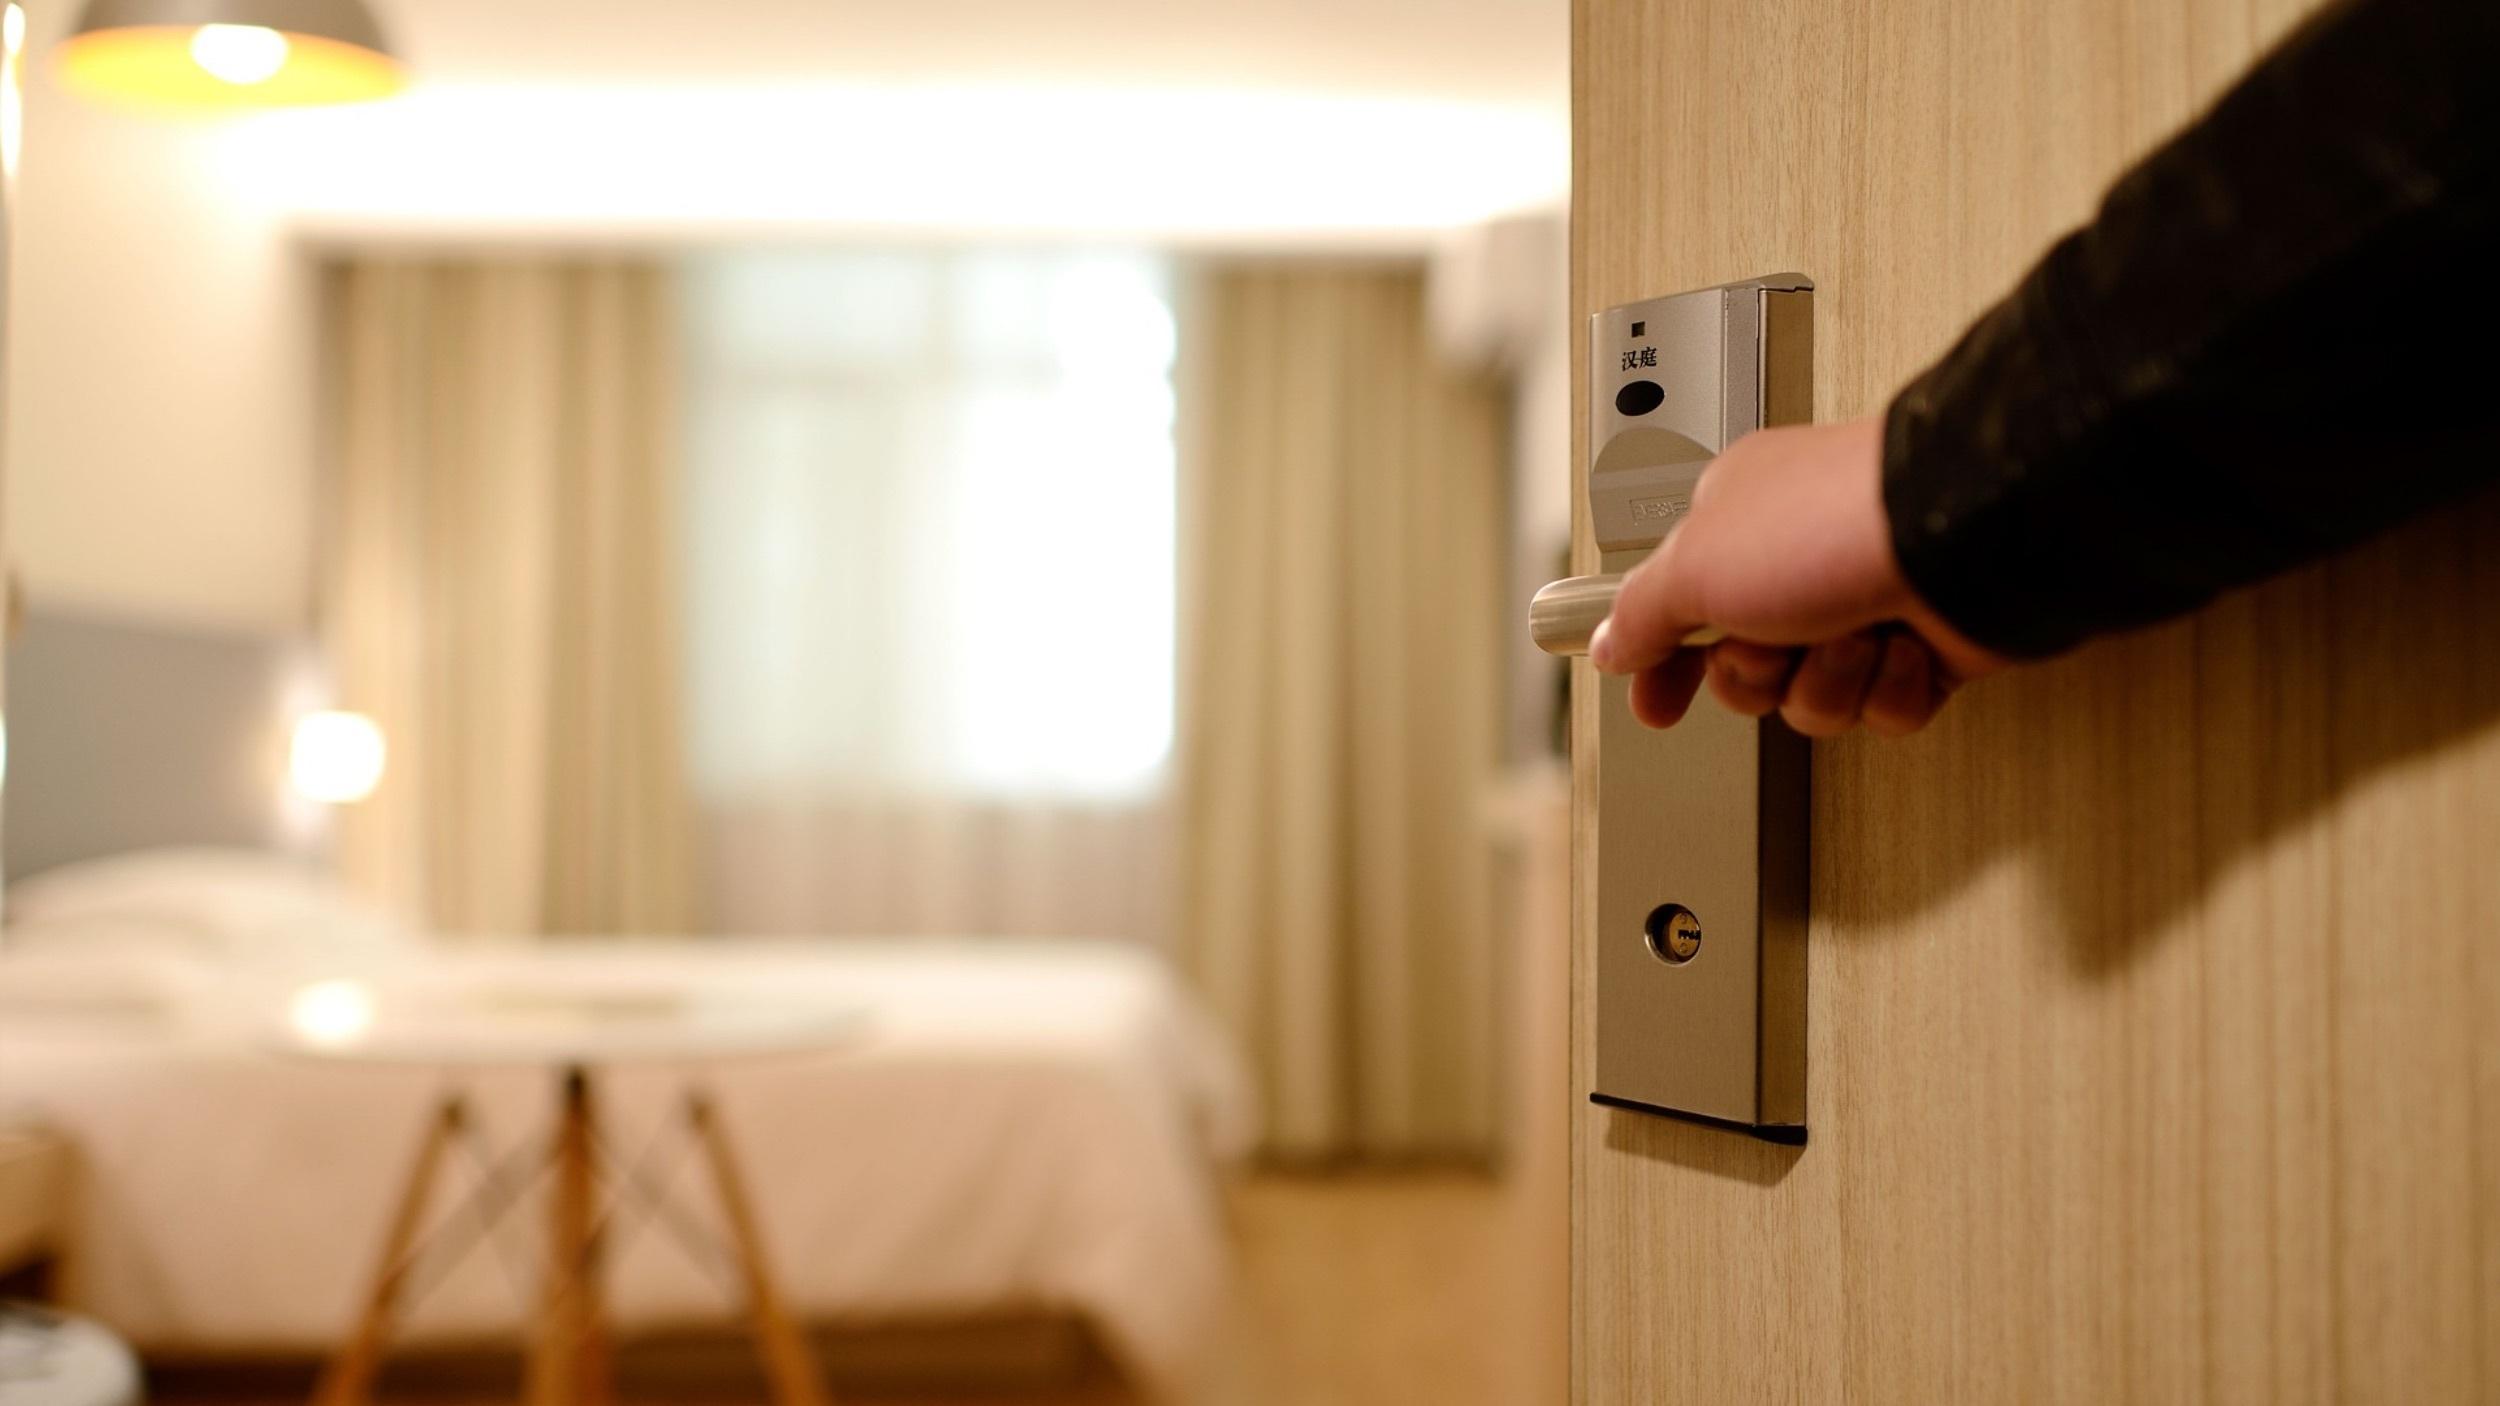 Opening the door of a hotel room